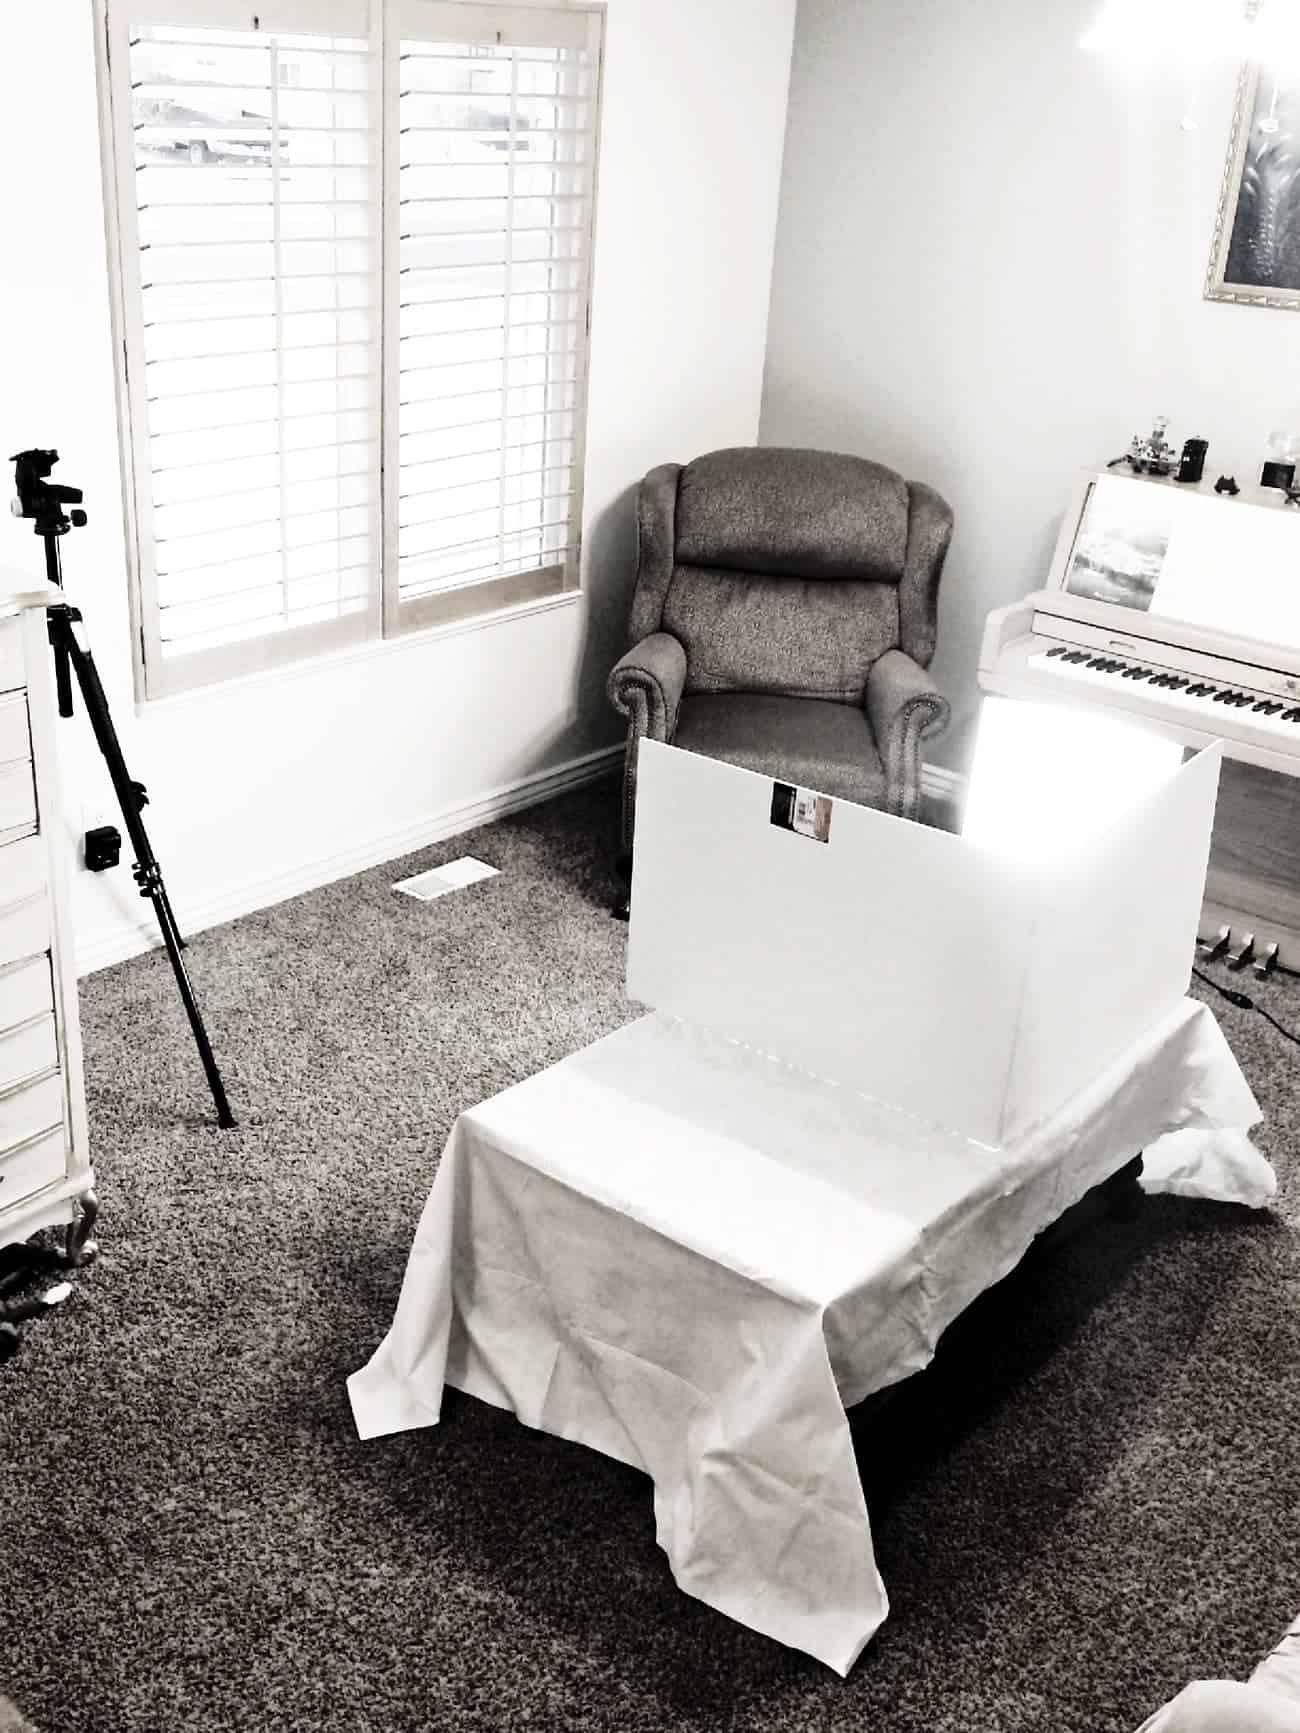 Easy Portable Food Photography Studio Setup